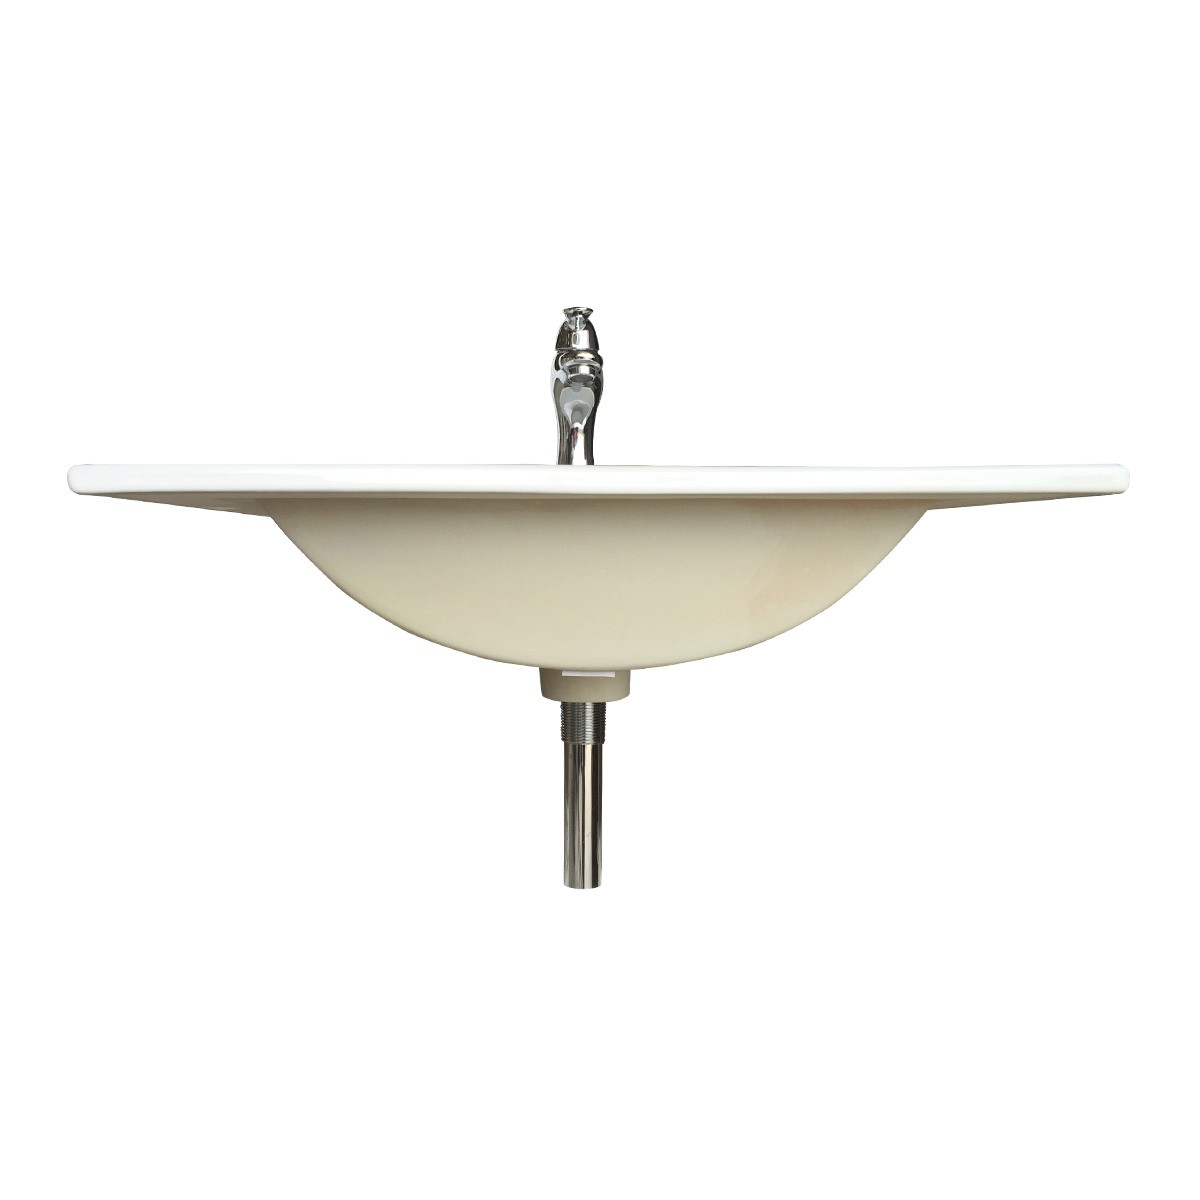 23 58 Bathroom White Grade A Vessel Drop in Sink Square Drain Overflow White Drop In Sink Dropin Bathroom Sink Drop In Rectangular Bathroom Sink